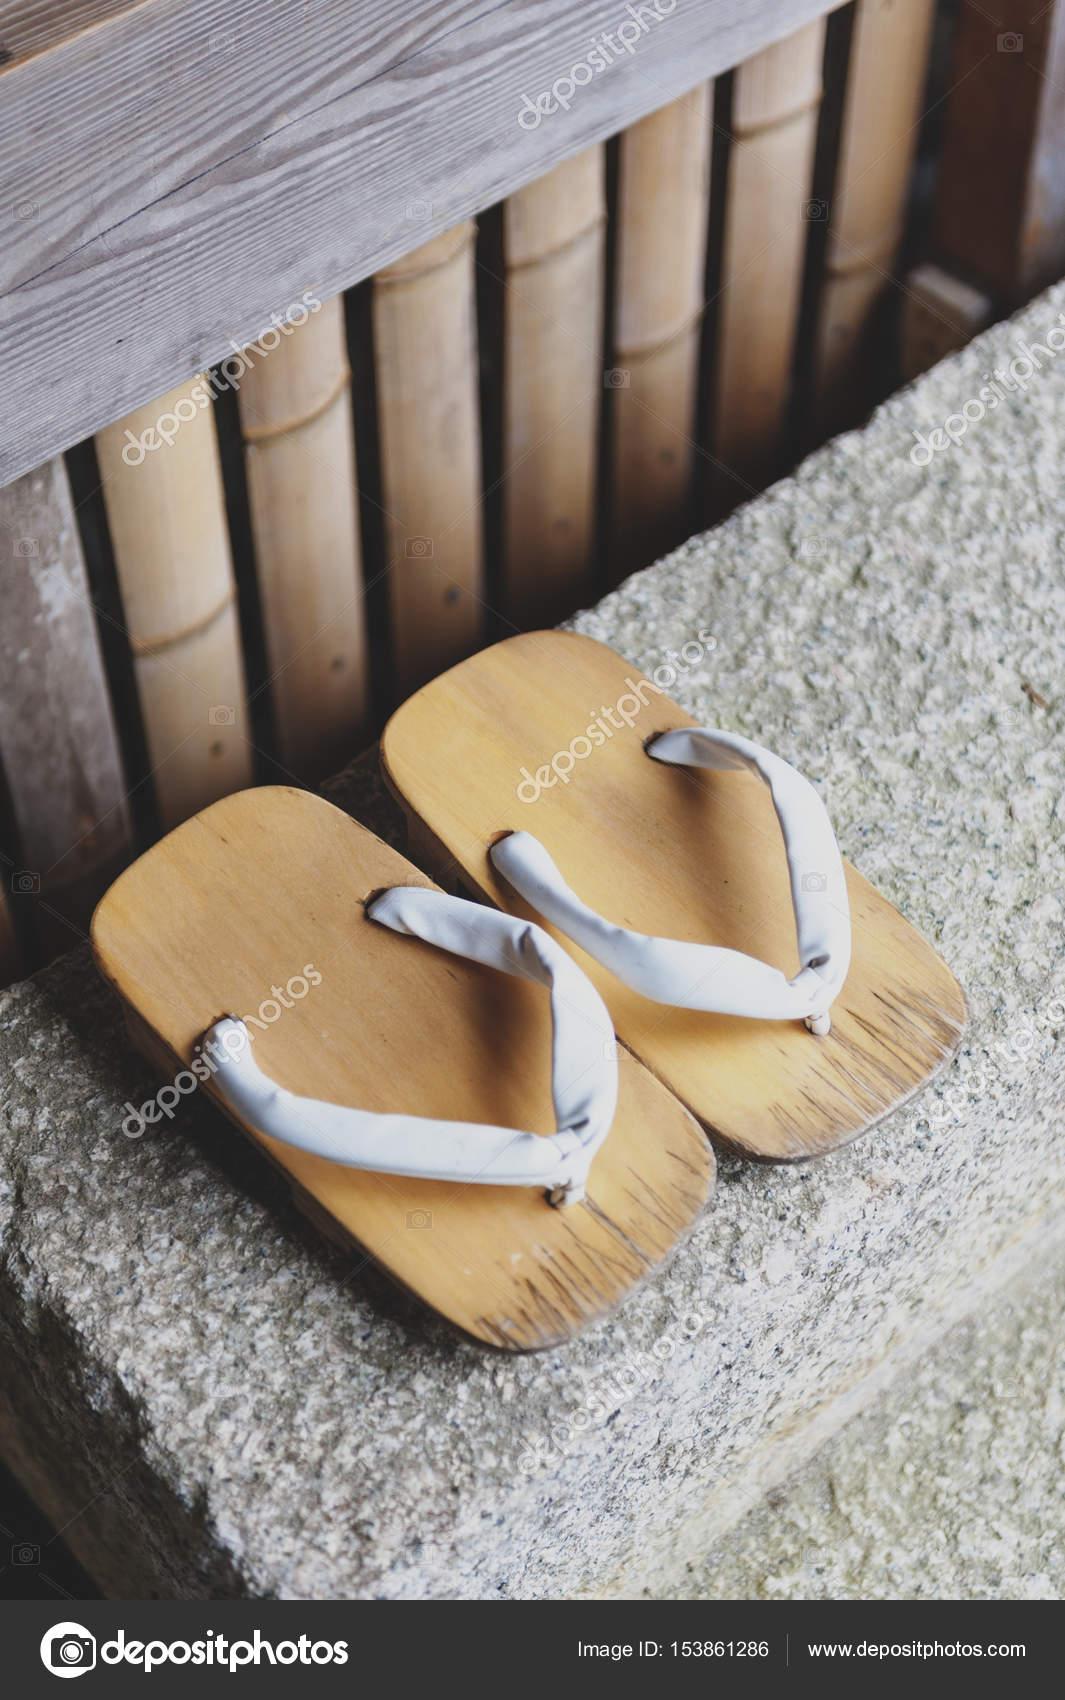 più recente adatto a uomini/donne liquidazione a caldo Geta o calzature tradizionali giapponesi, una sorta di ...